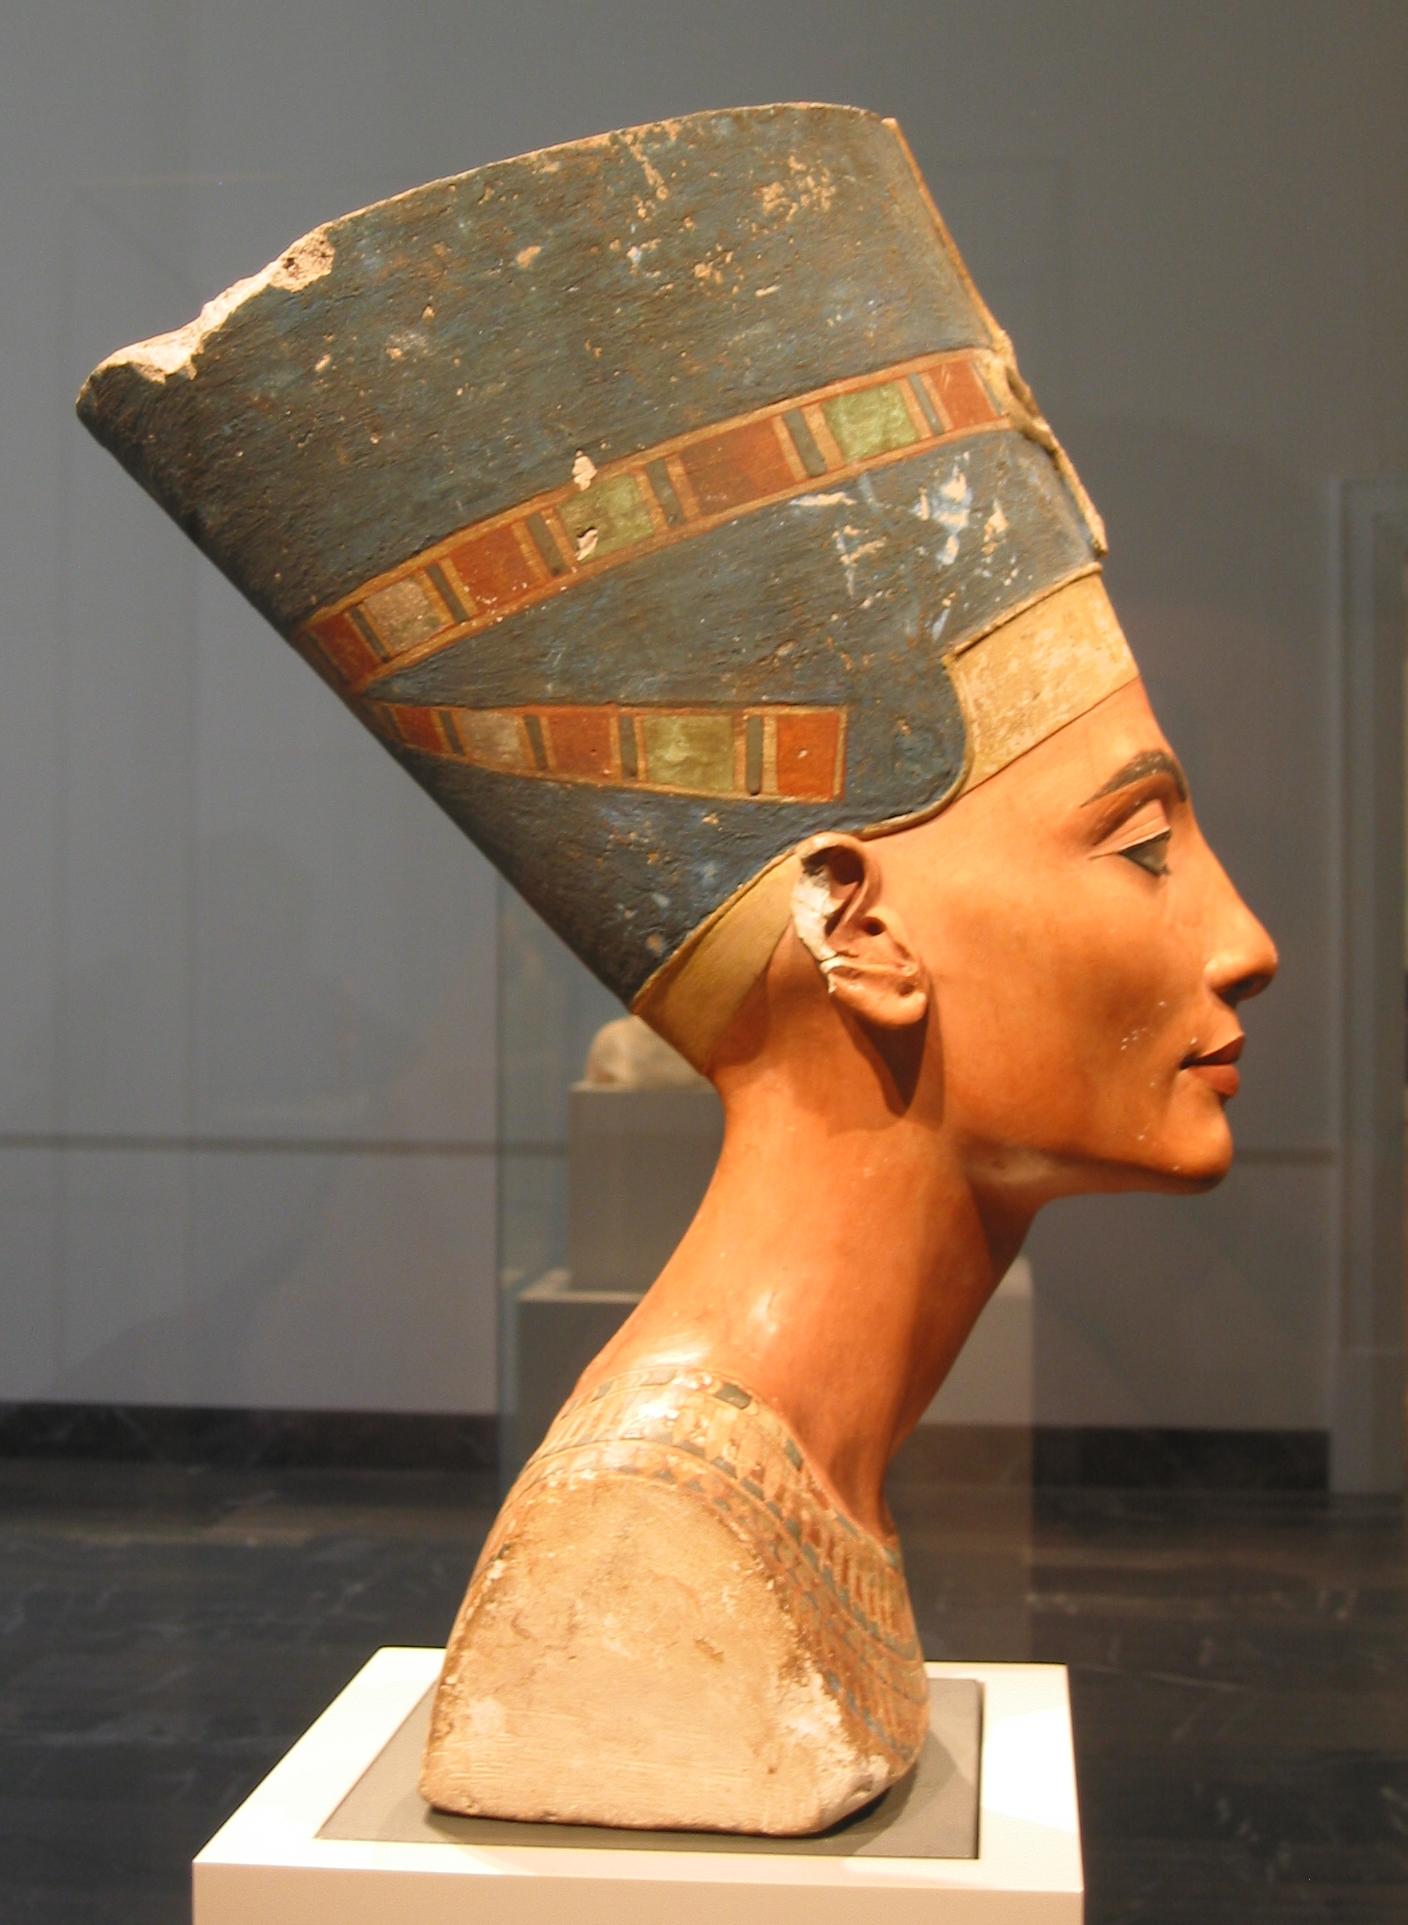 http://upload.wikimedia.org/wikipedia/commons/1/1a/Nefertiti_bust_%28right%29.jpg